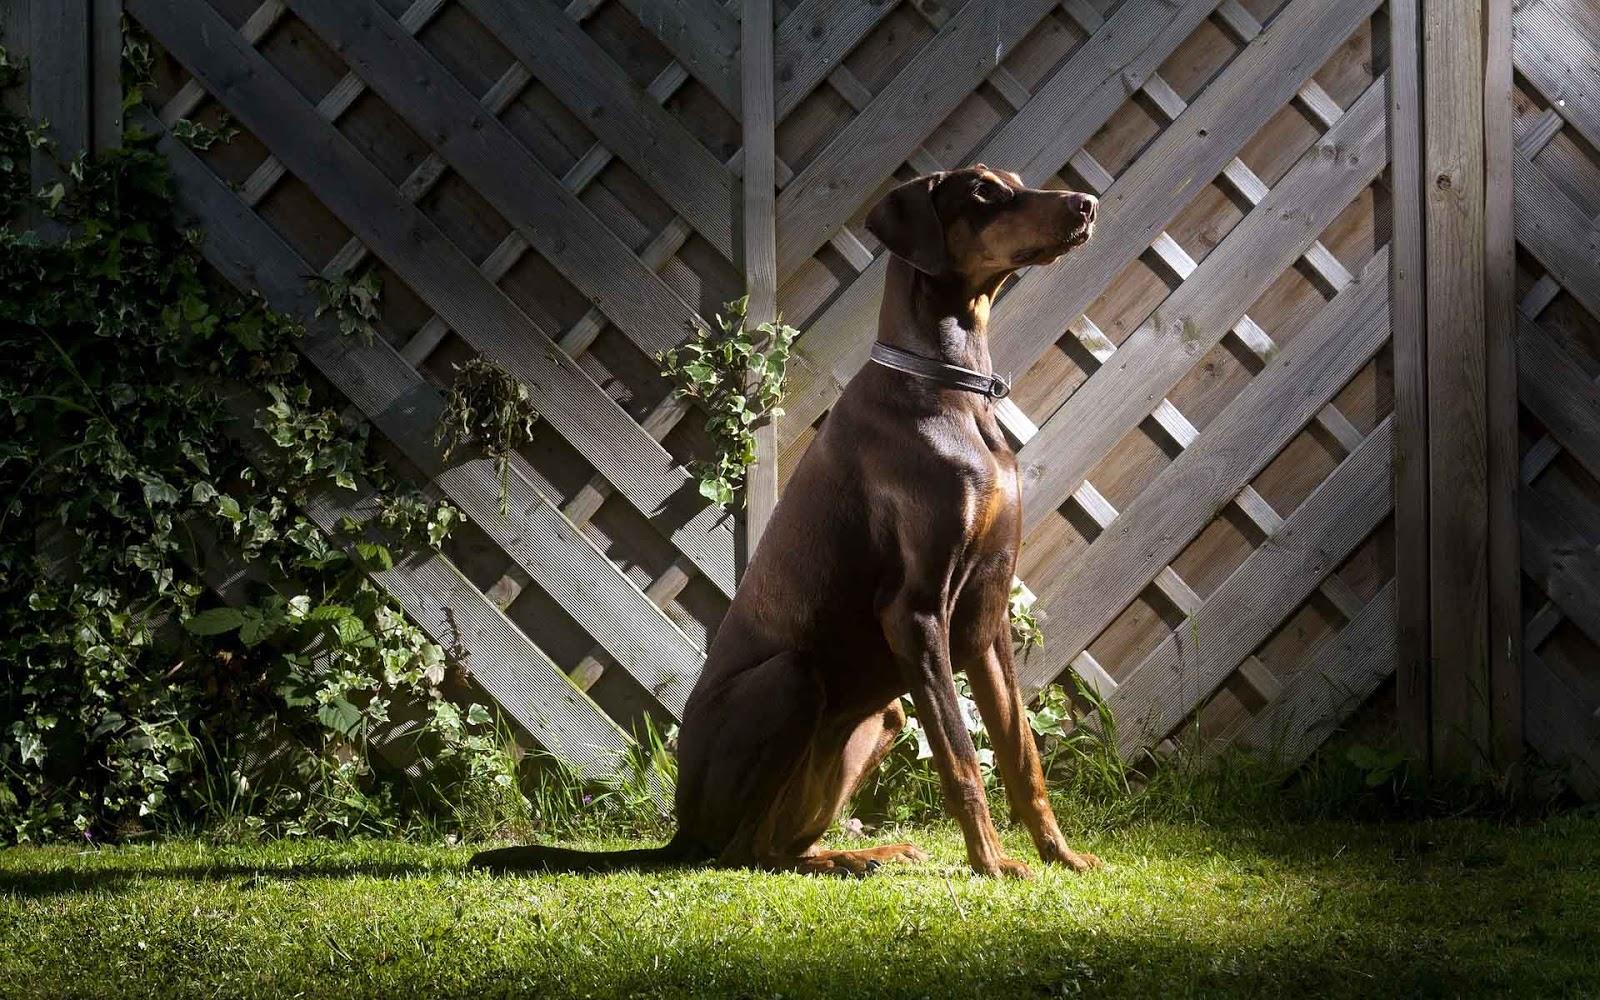 Een hond achter in de tuin op het gras